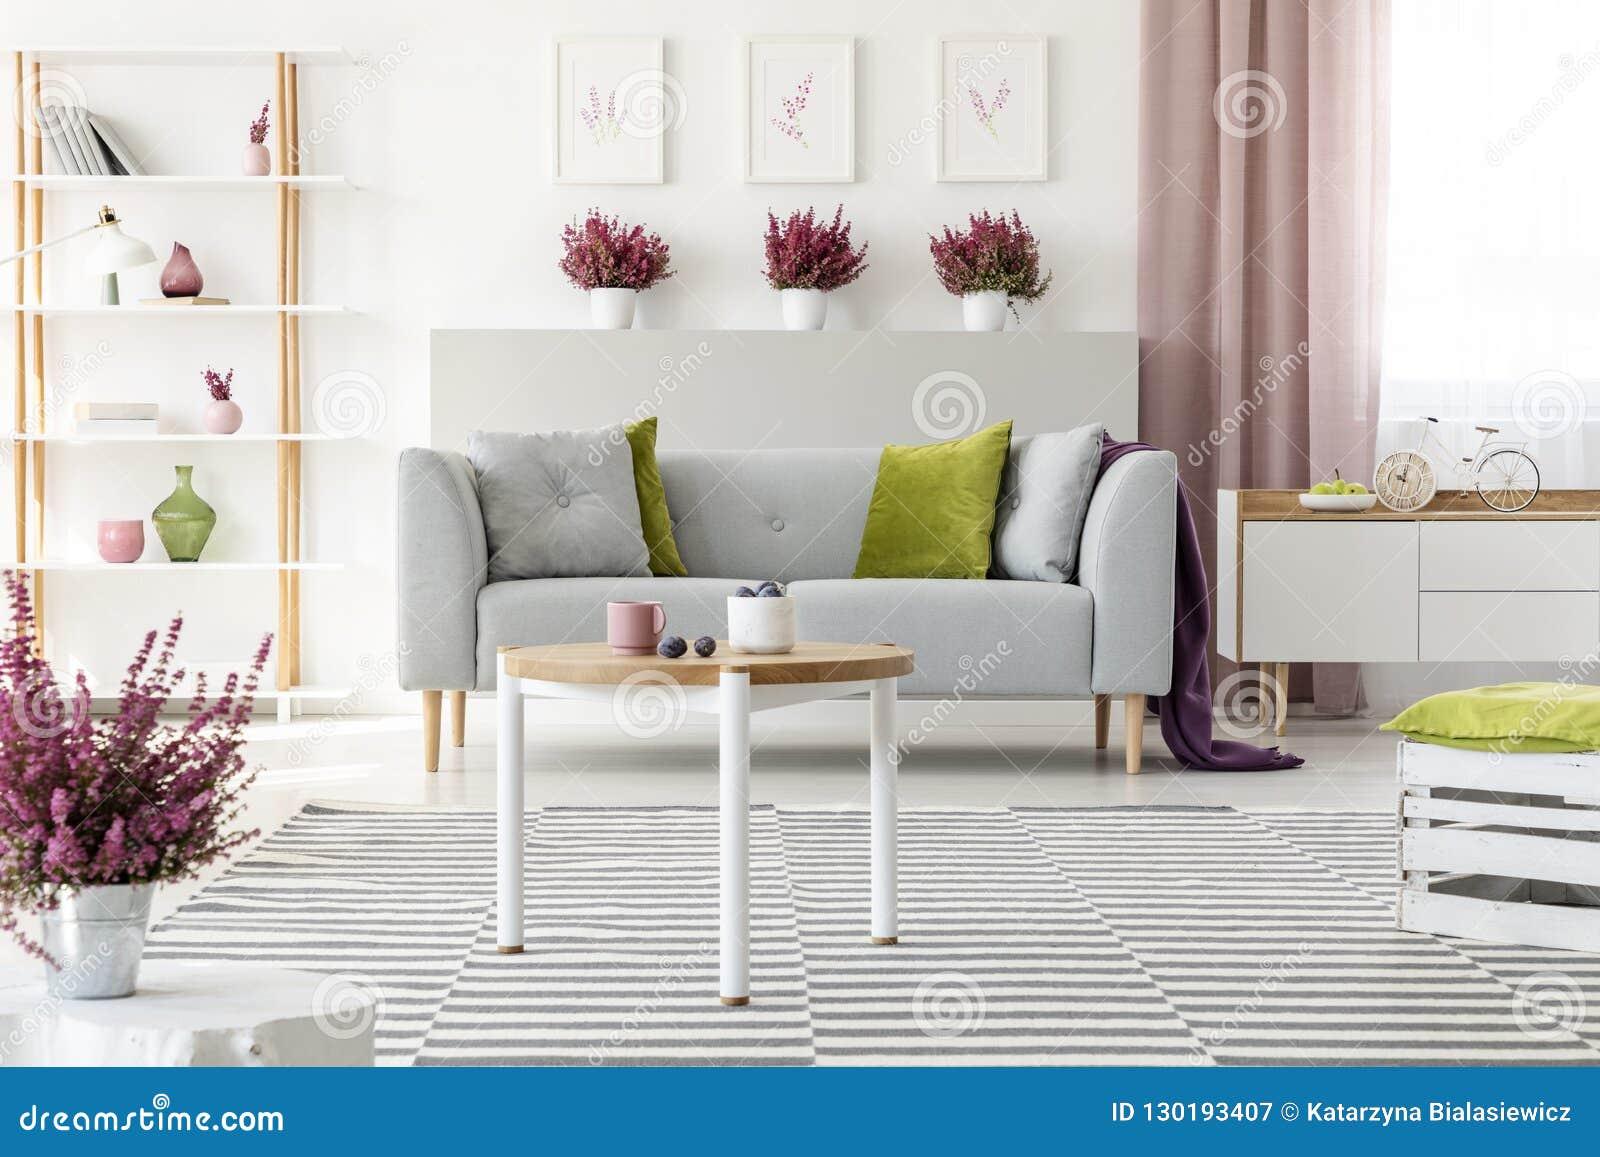 Elegant vardagsrum med vitt möblemang, den stilfulla träkaffetabellen, den mönstrade filten, den gråa soffan med kuddar och ljung